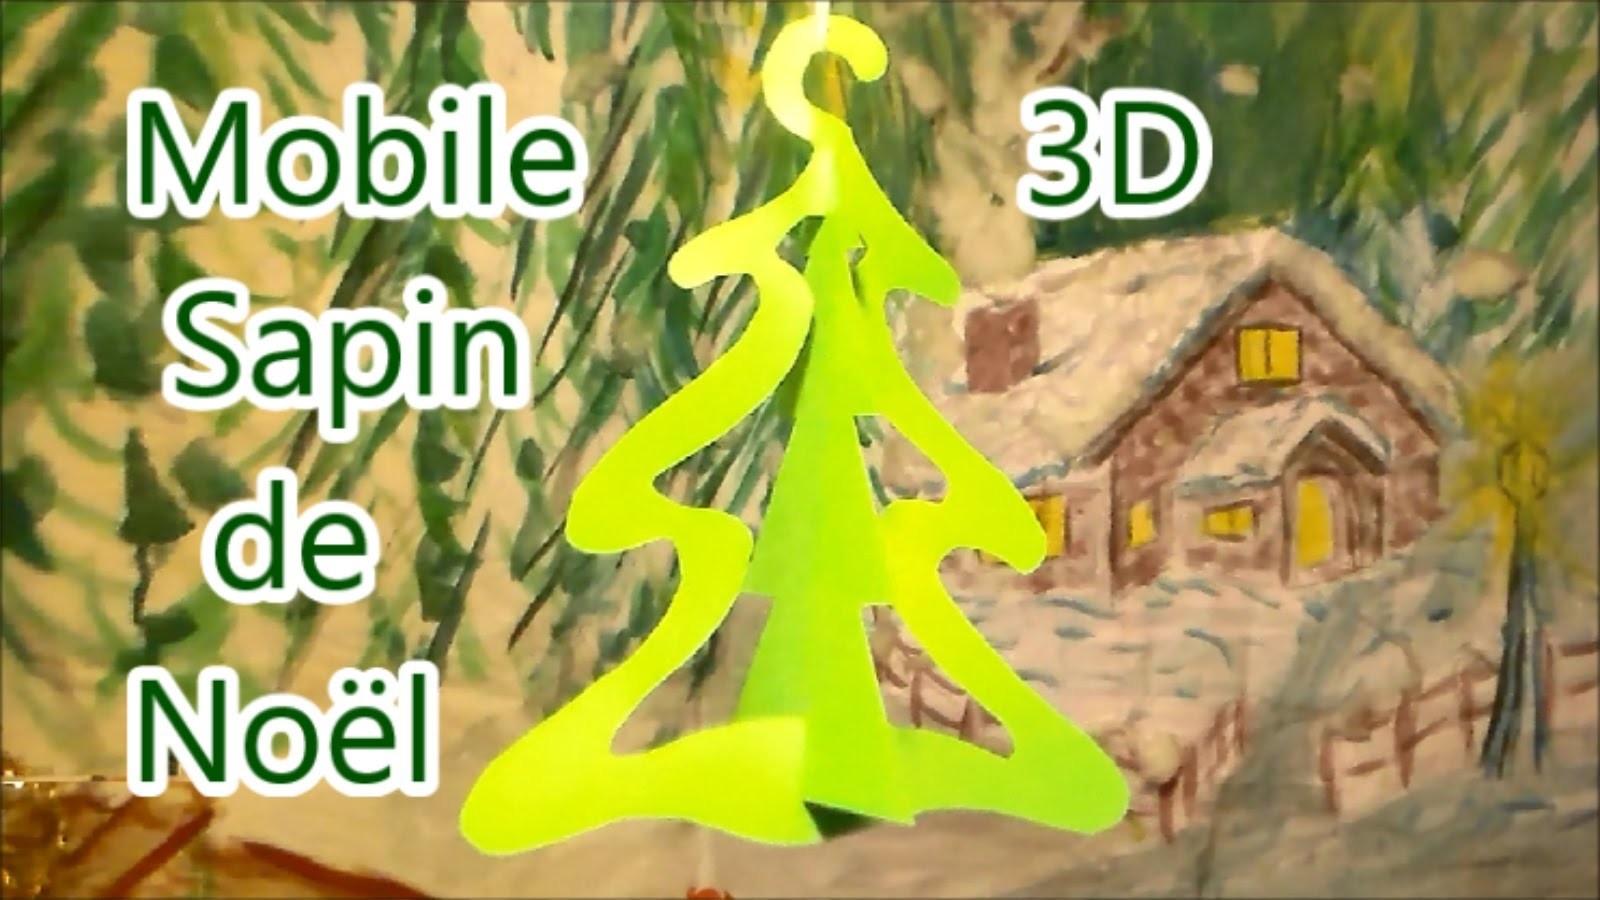 Les diy de Noël : Mobile 3D facile à faire d'un sapin de Noël